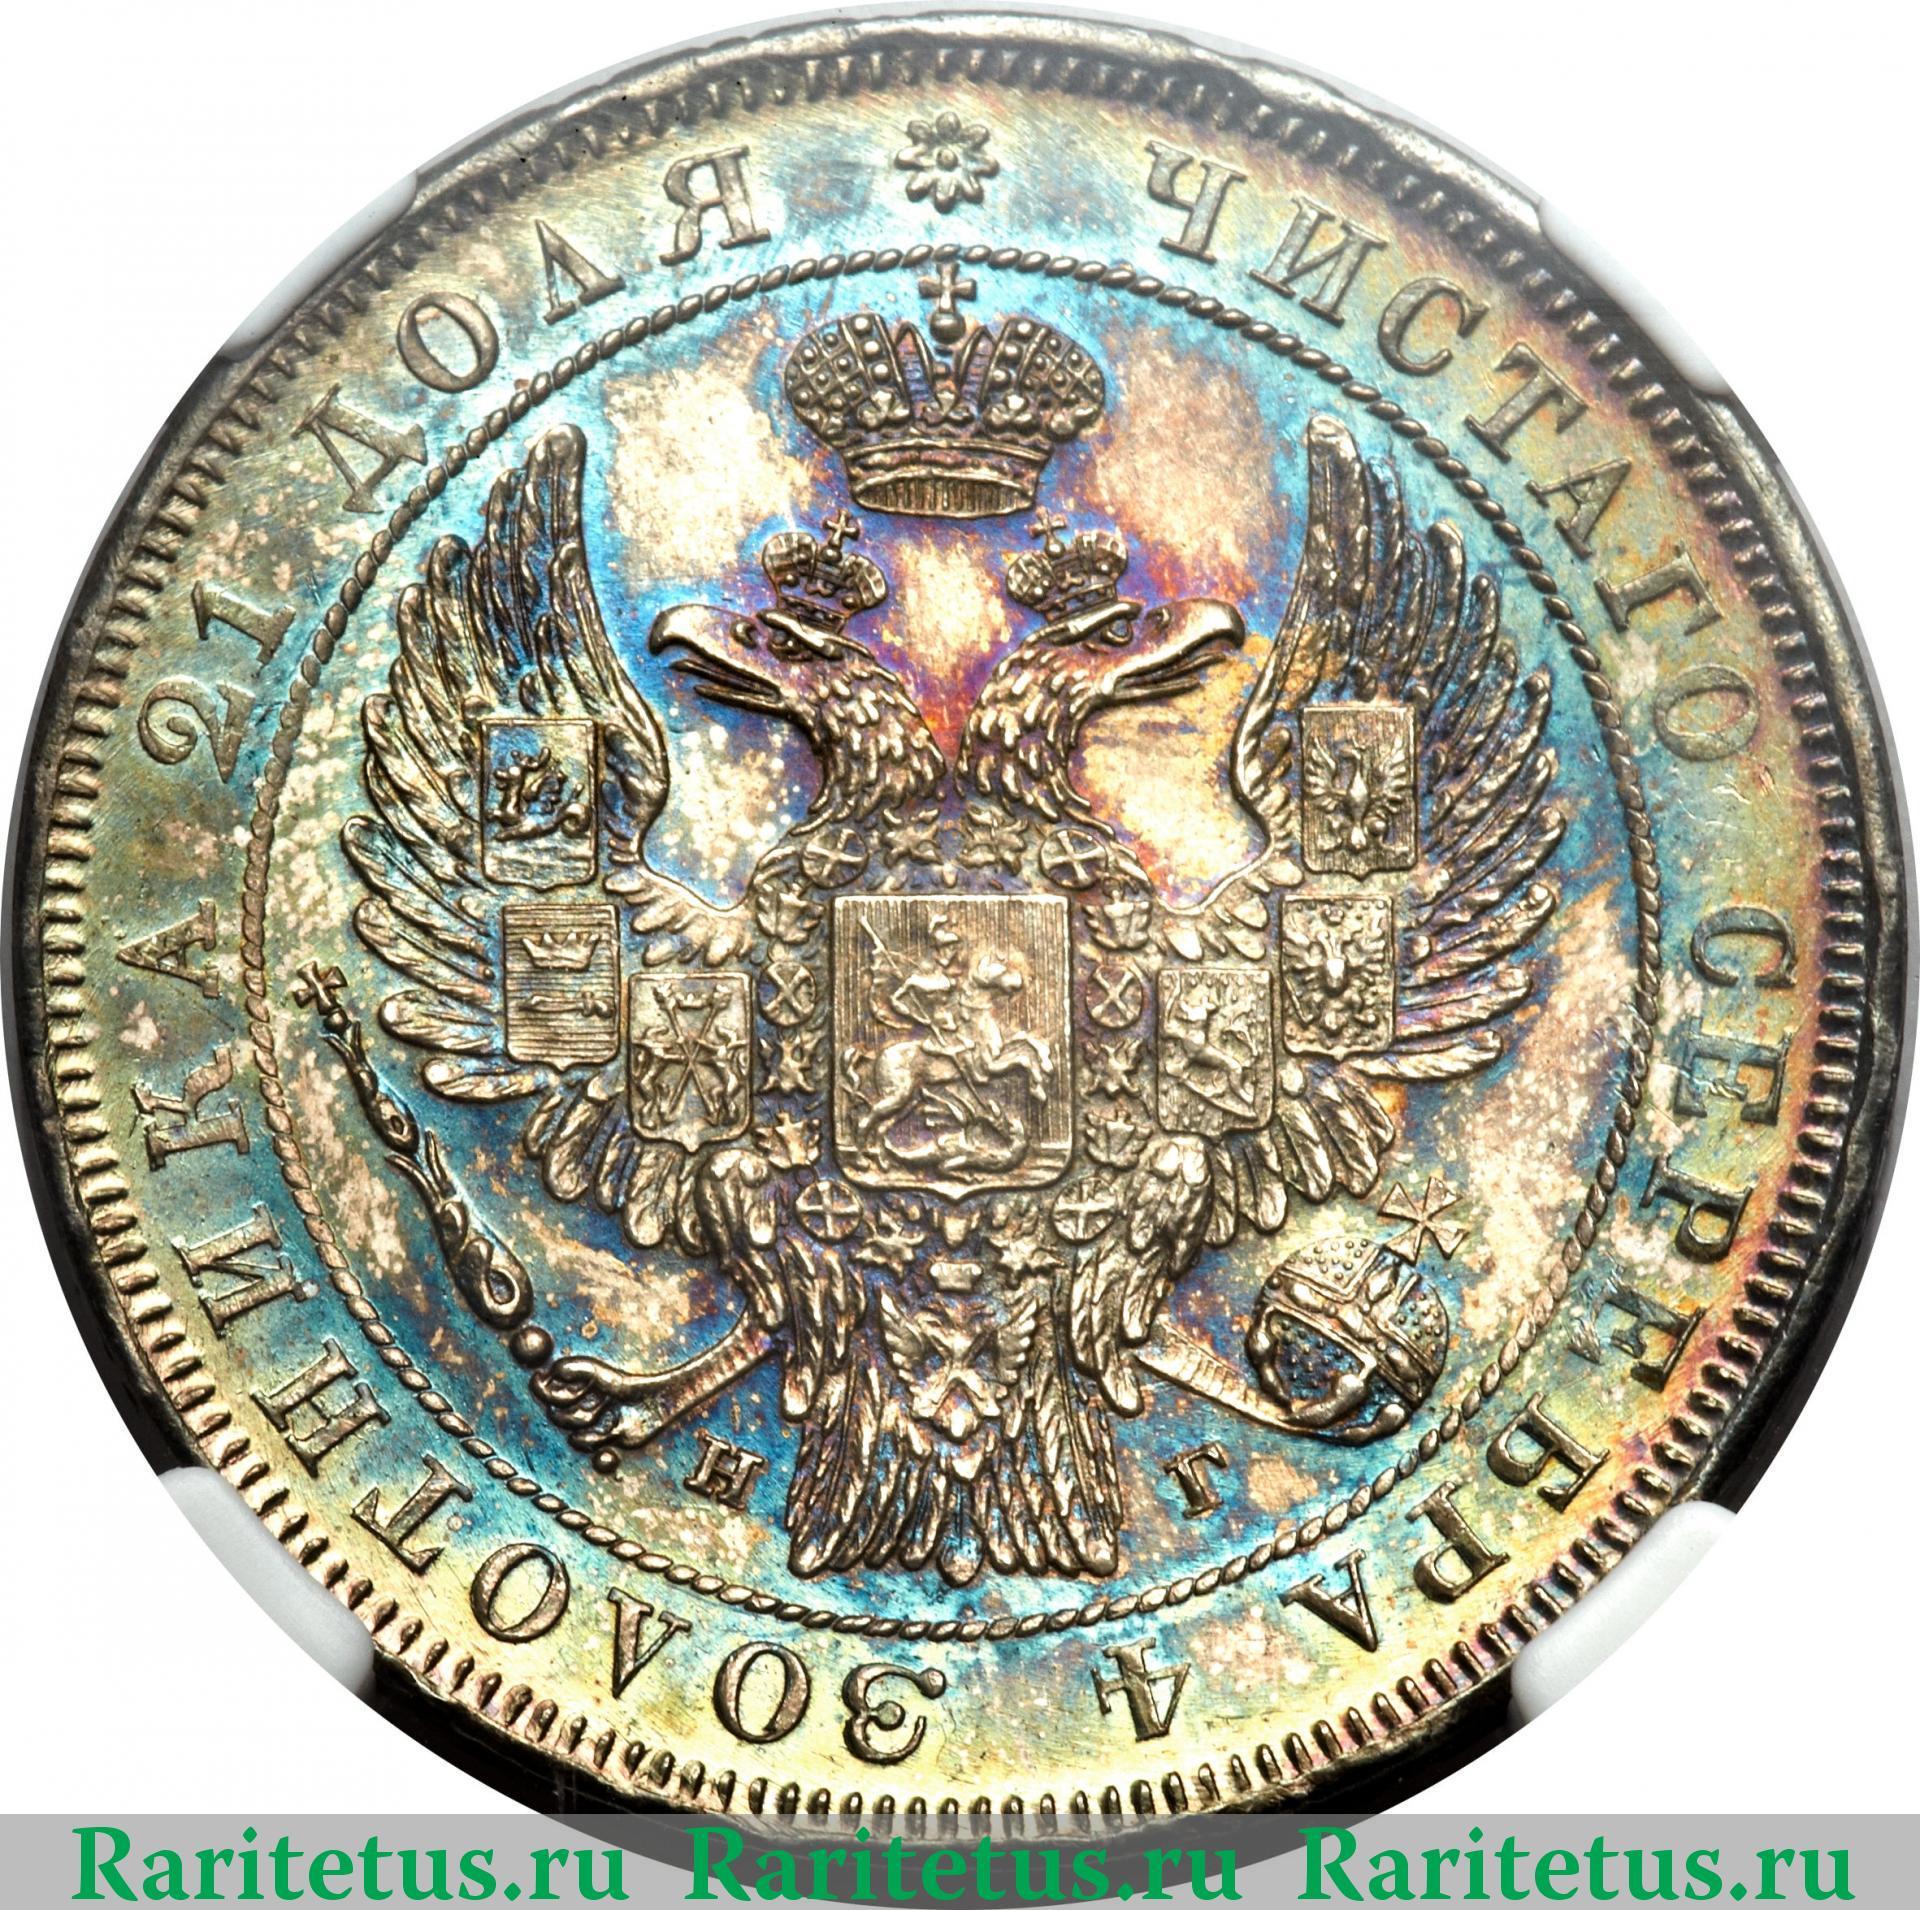 Монета рубль 1832 года чистого серебра 10 рублей 1901 года золото цена на сегодня с фото